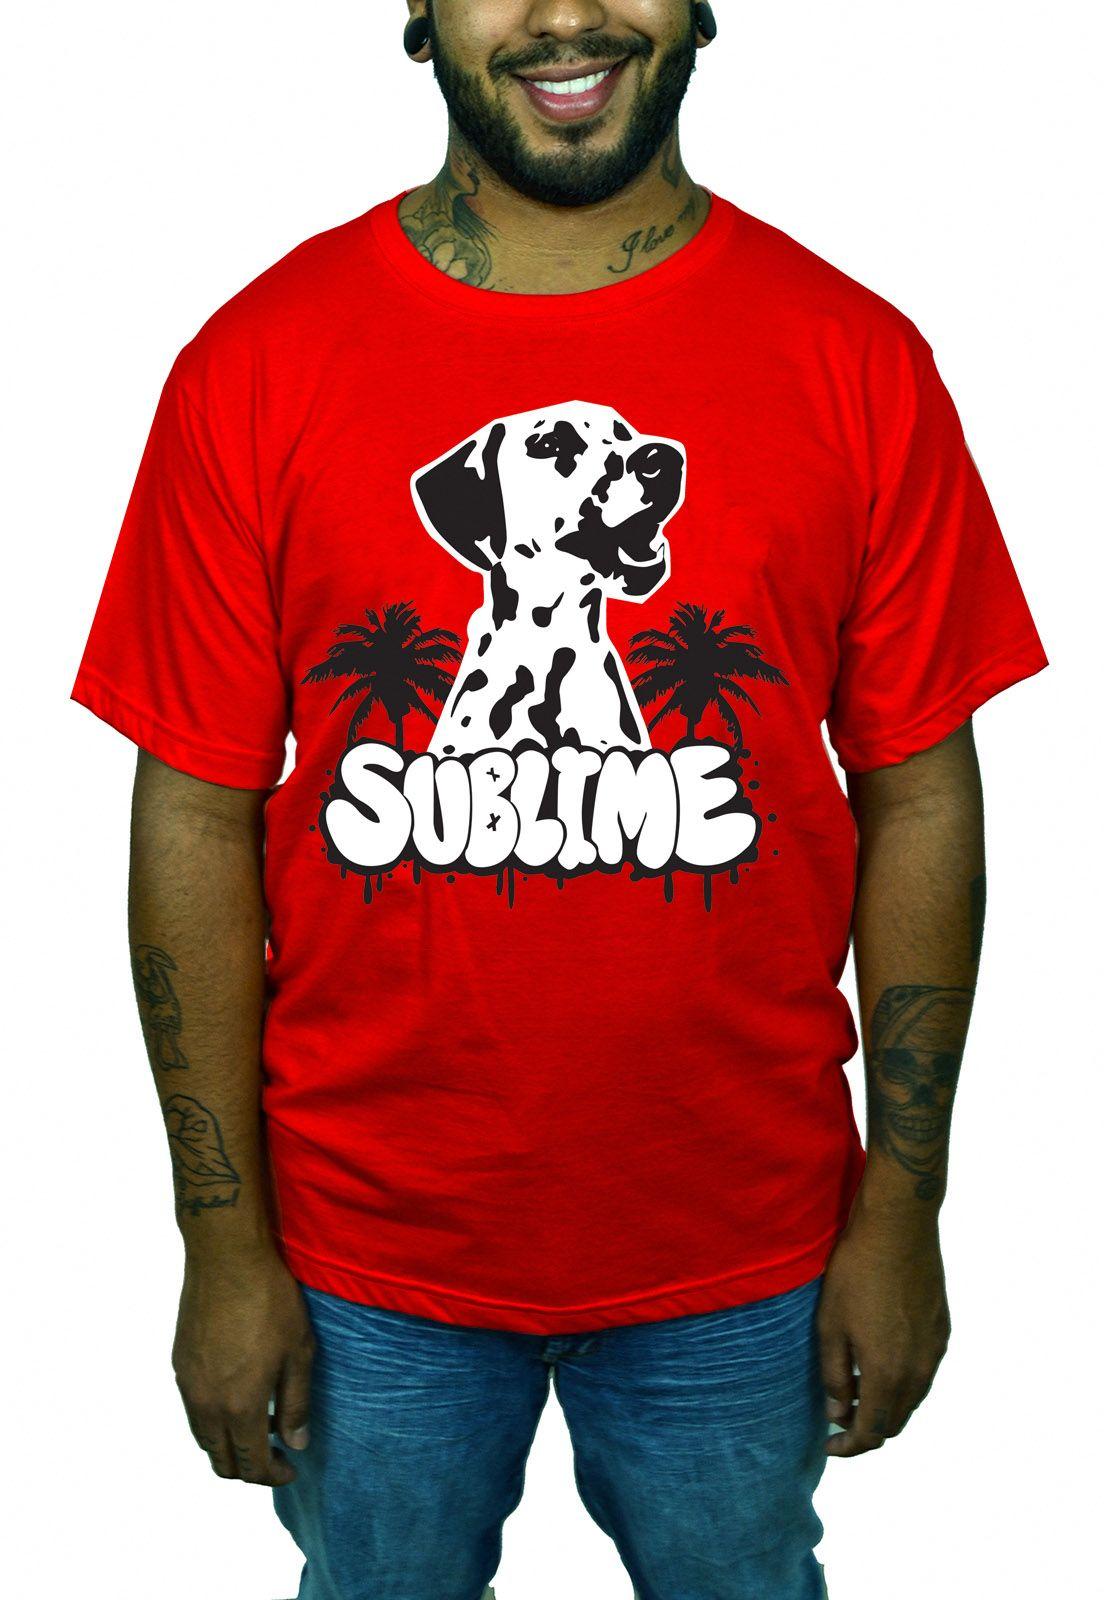 Camiseta Sublime Vermelho  - HShop